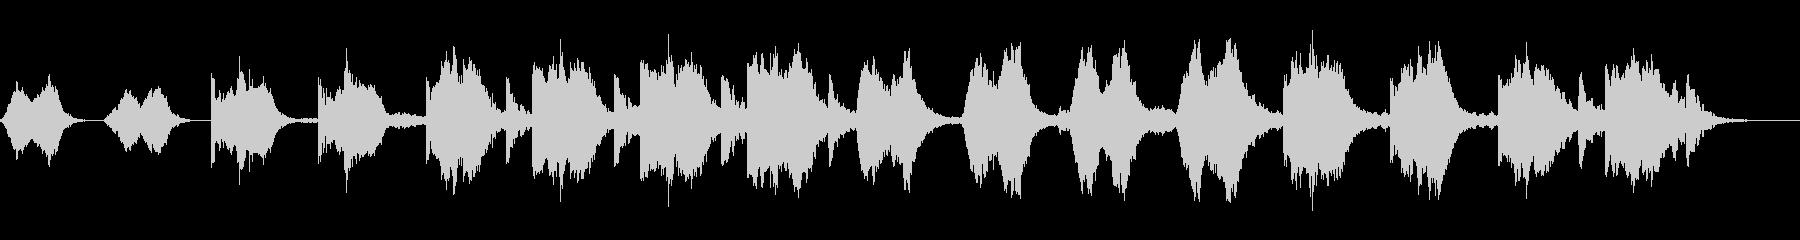 ドラマチックなアンビエントの未再生の波形